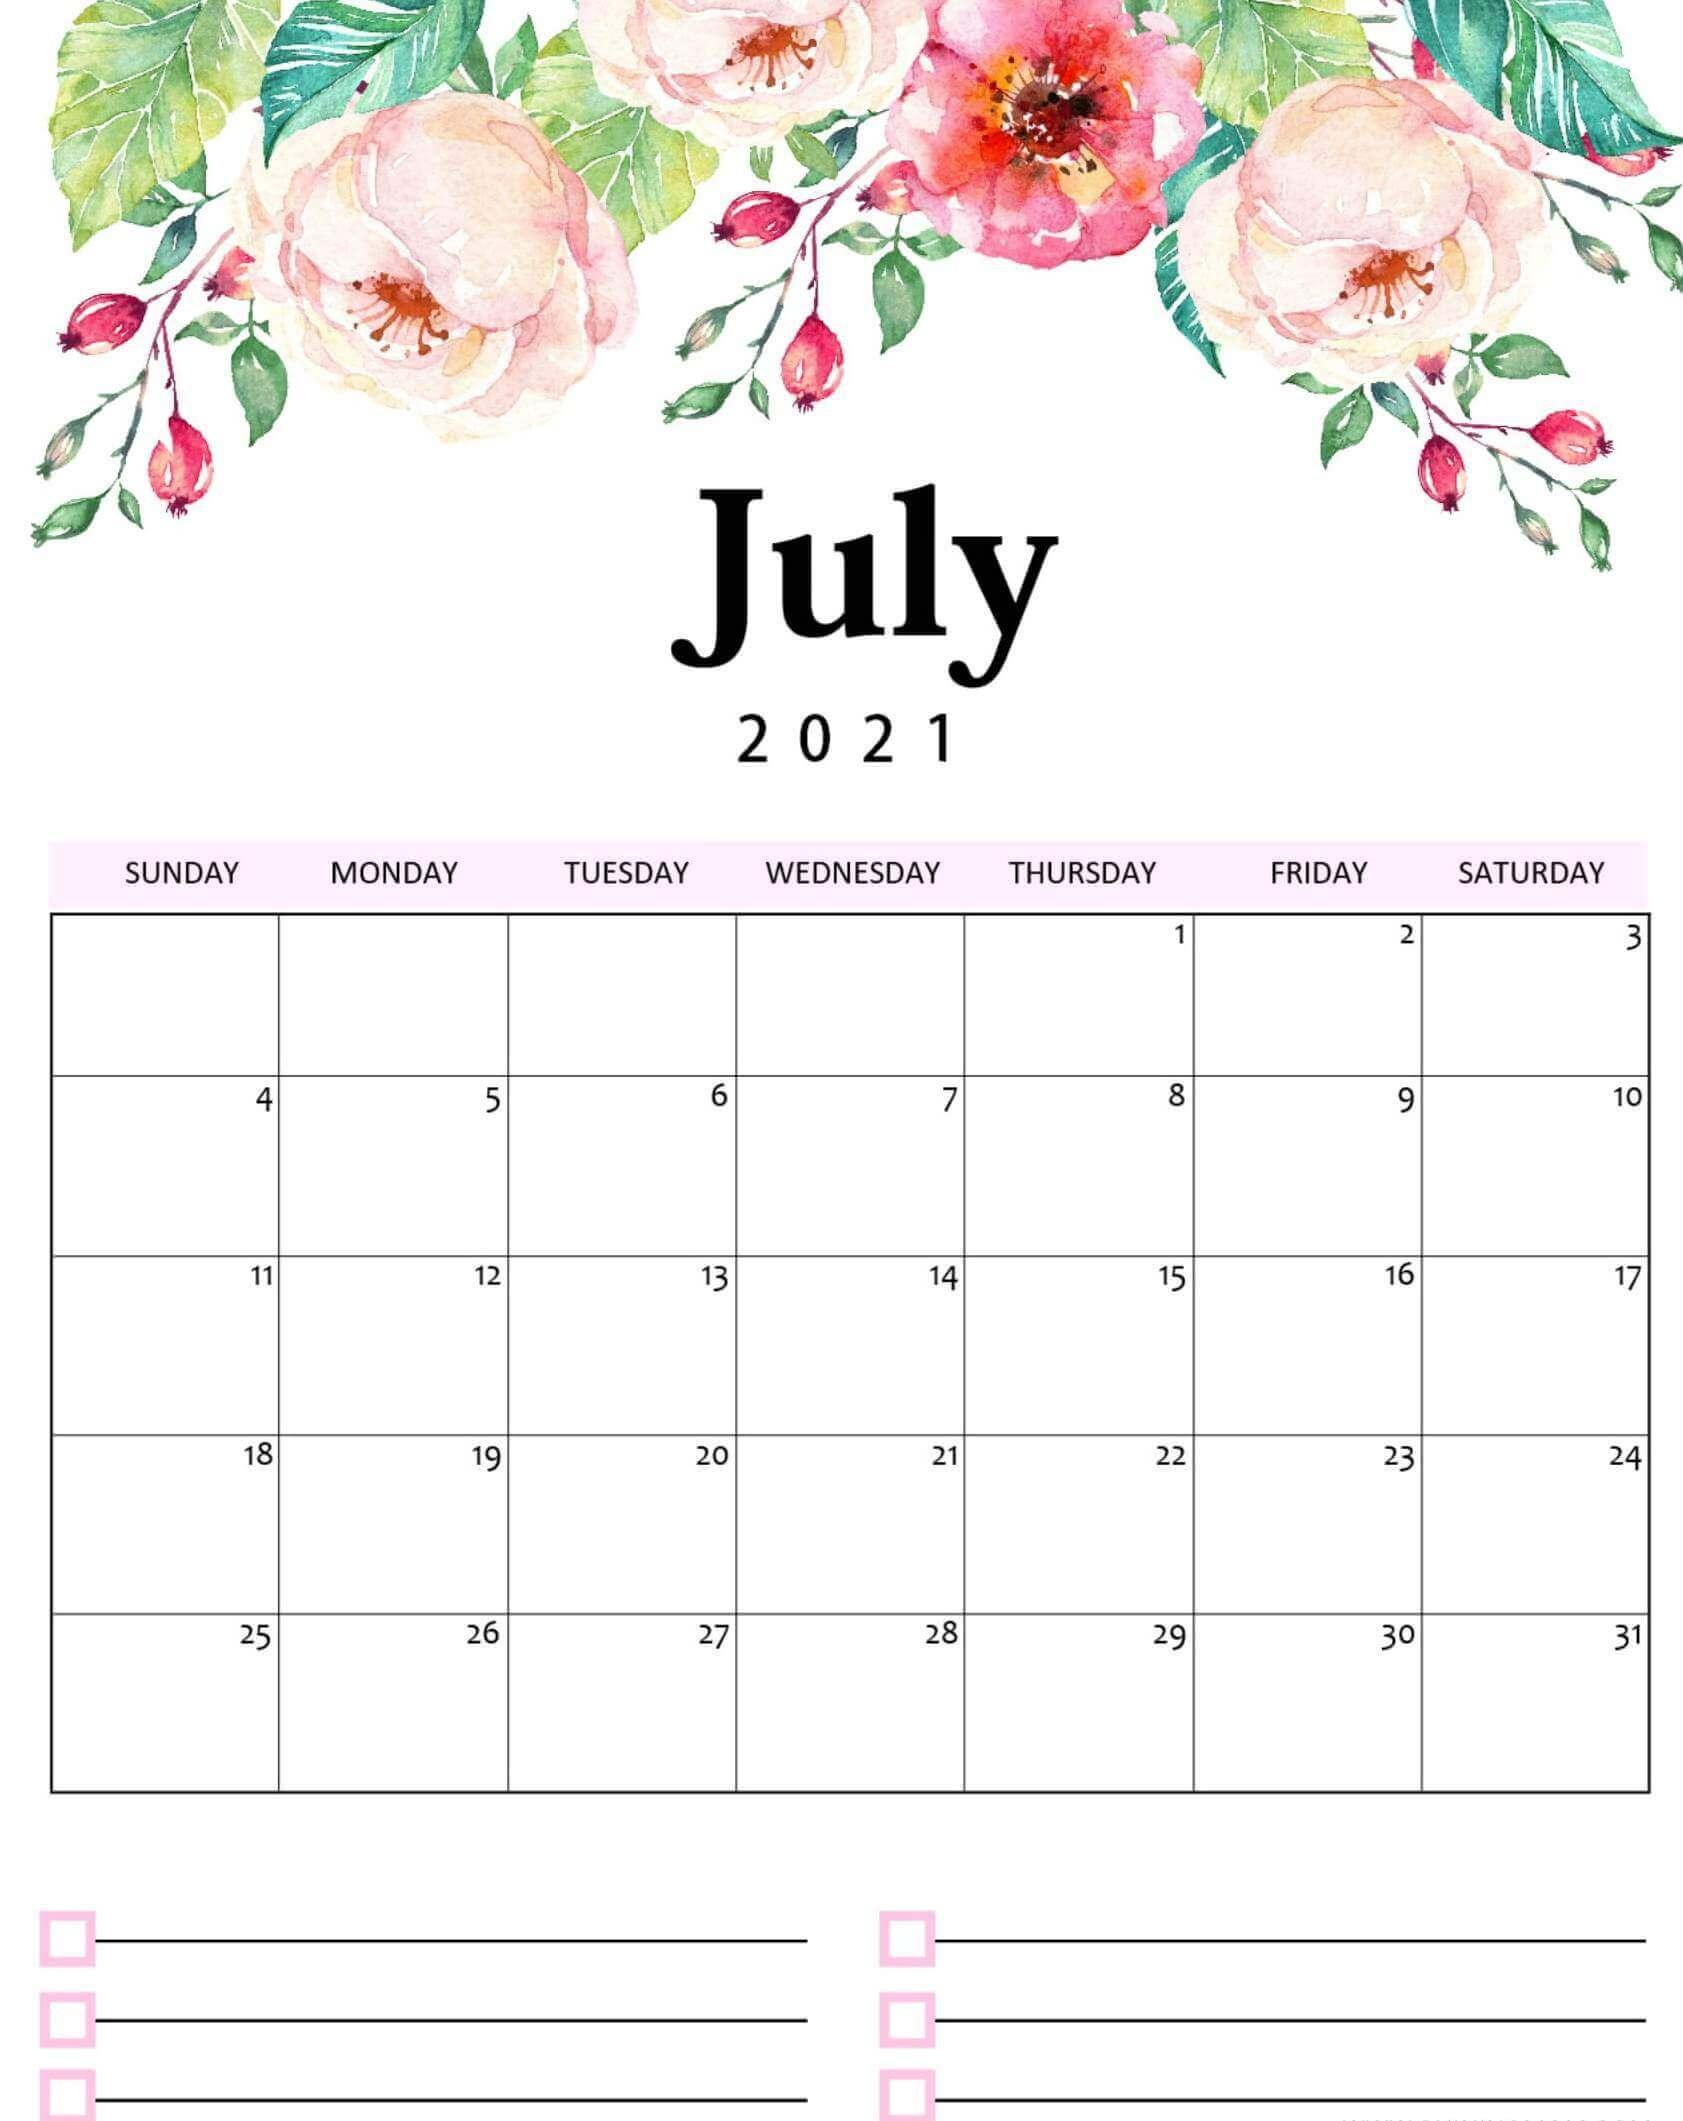 Floral Calendar For July 2021